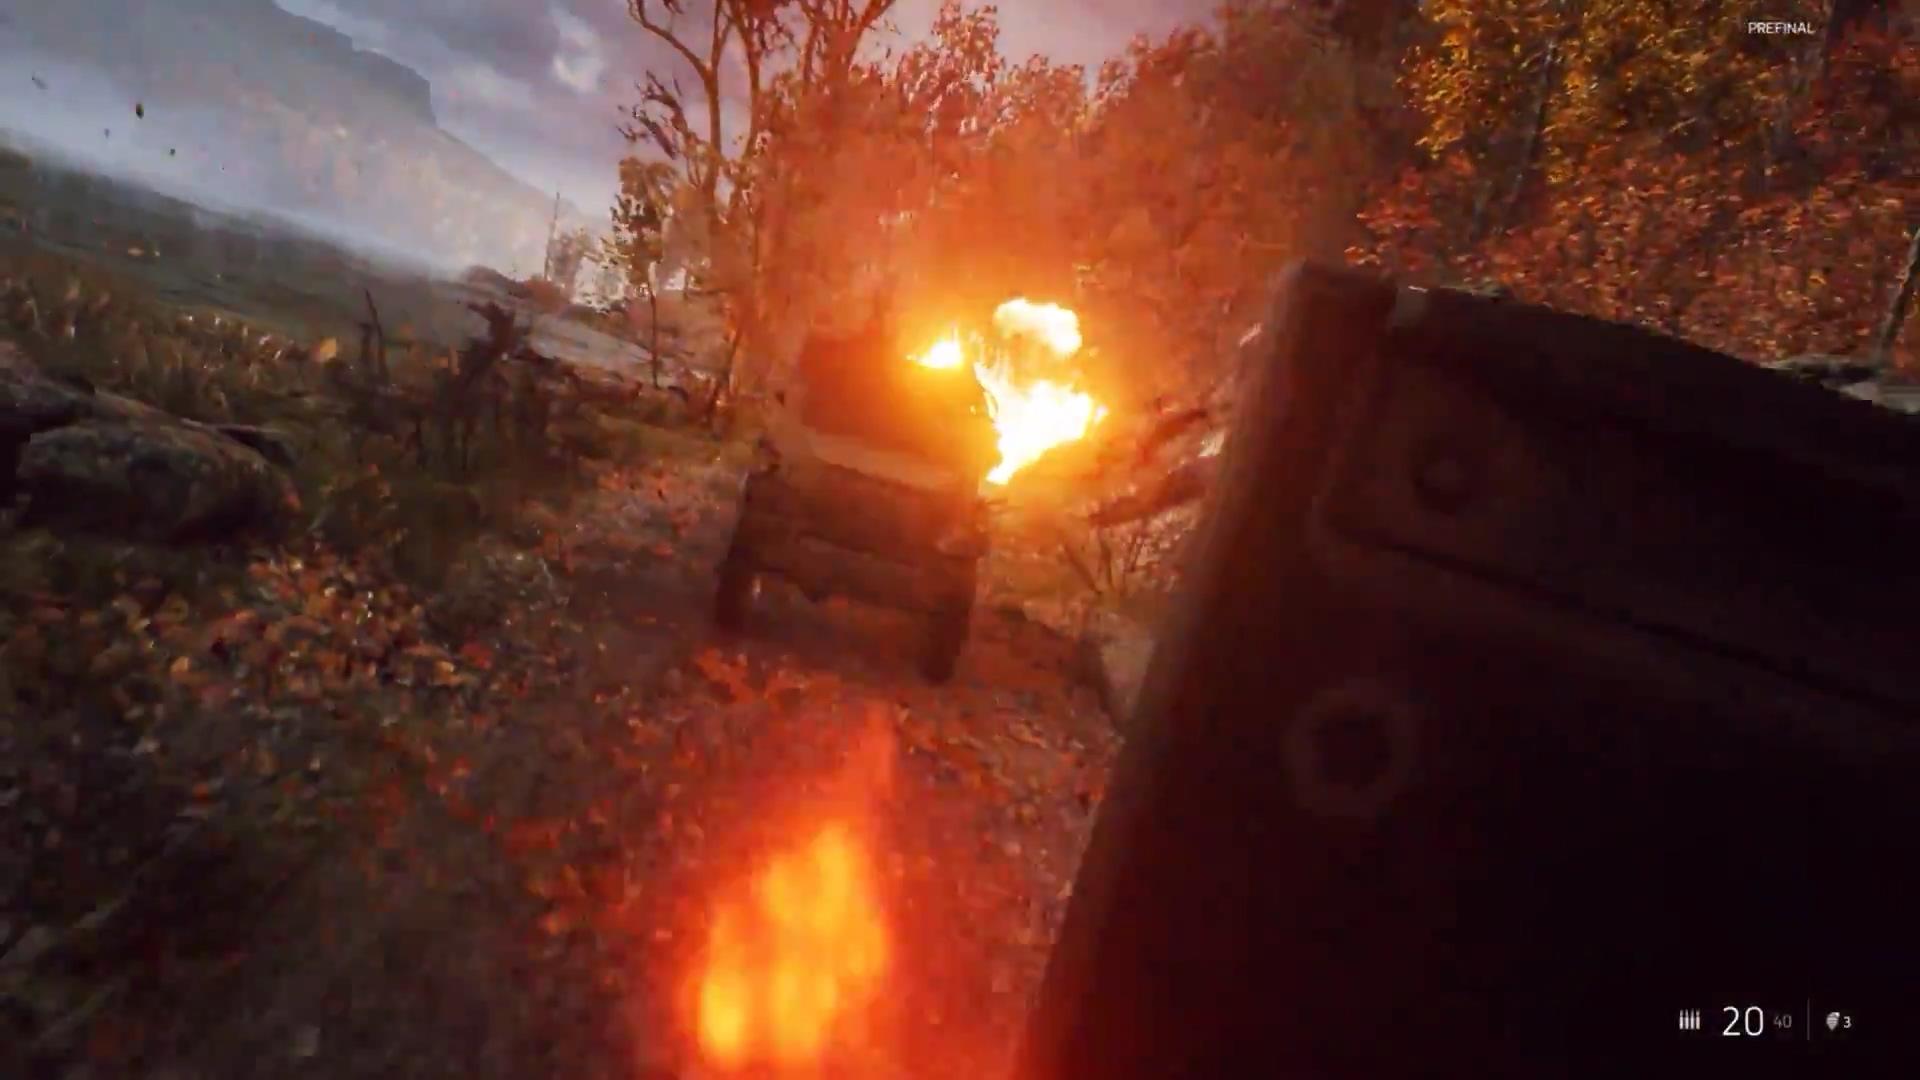 《战地5》单人战役三段演示 IGN盛赞更深度更有意义